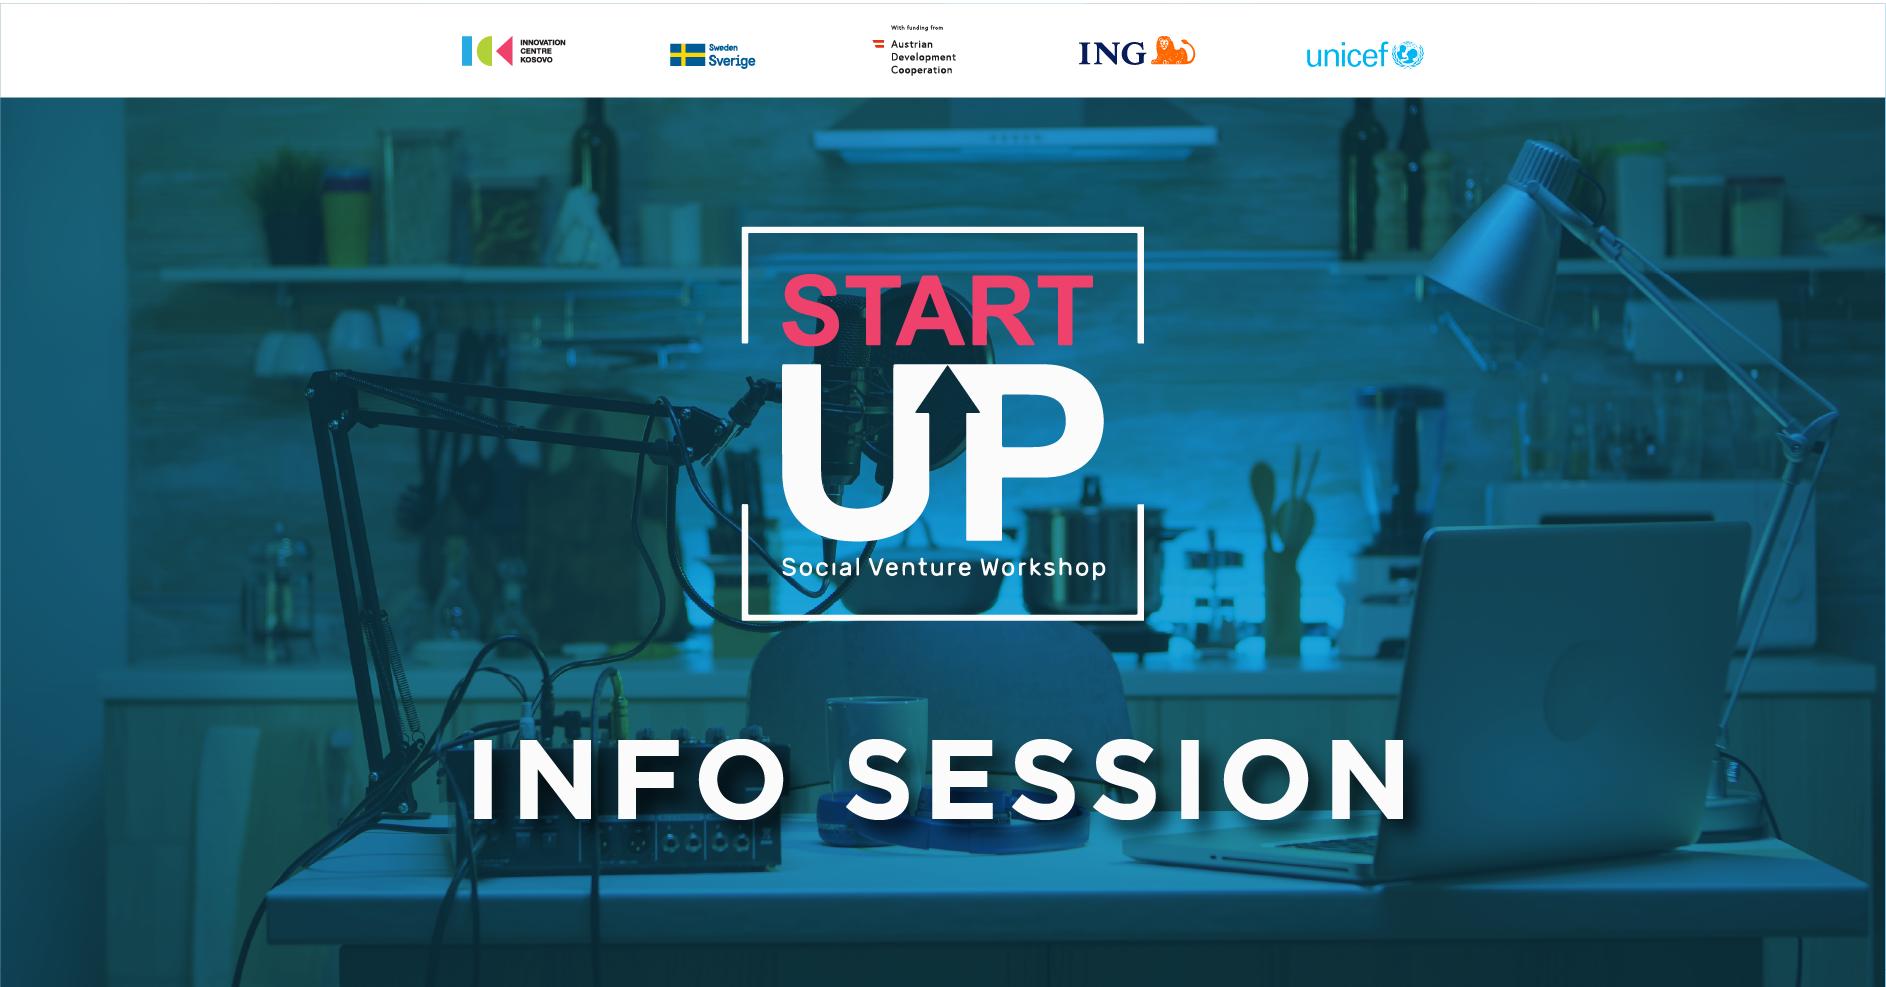 Startup Social Venture Workshop - Info Session